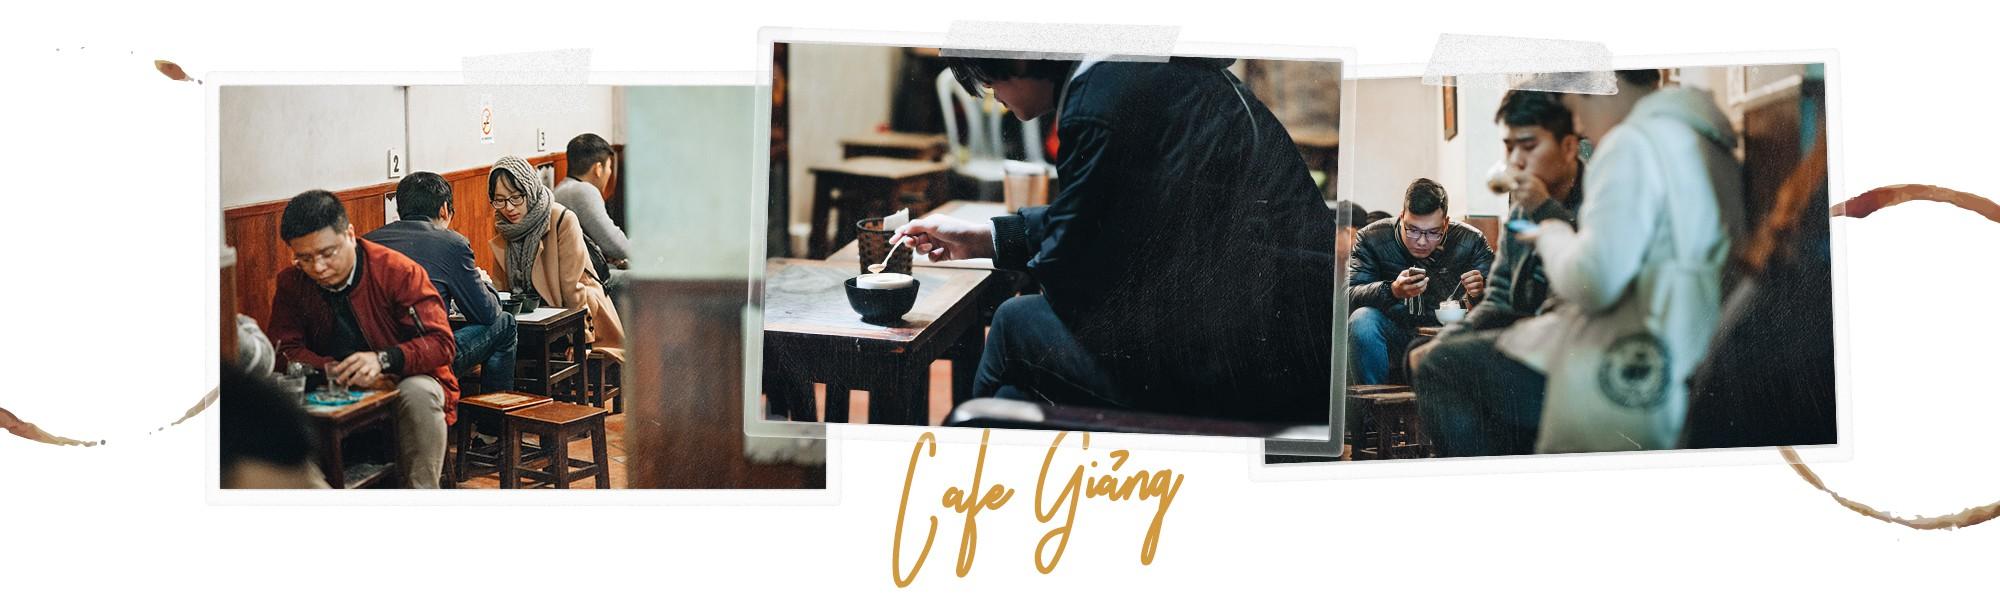 Đến Giảng không chỉ để uống một ly cafe trứng, mà còn để hưởng cái nhàn nhã rất Hà Nội của một quán xưa - Ảnh 10.